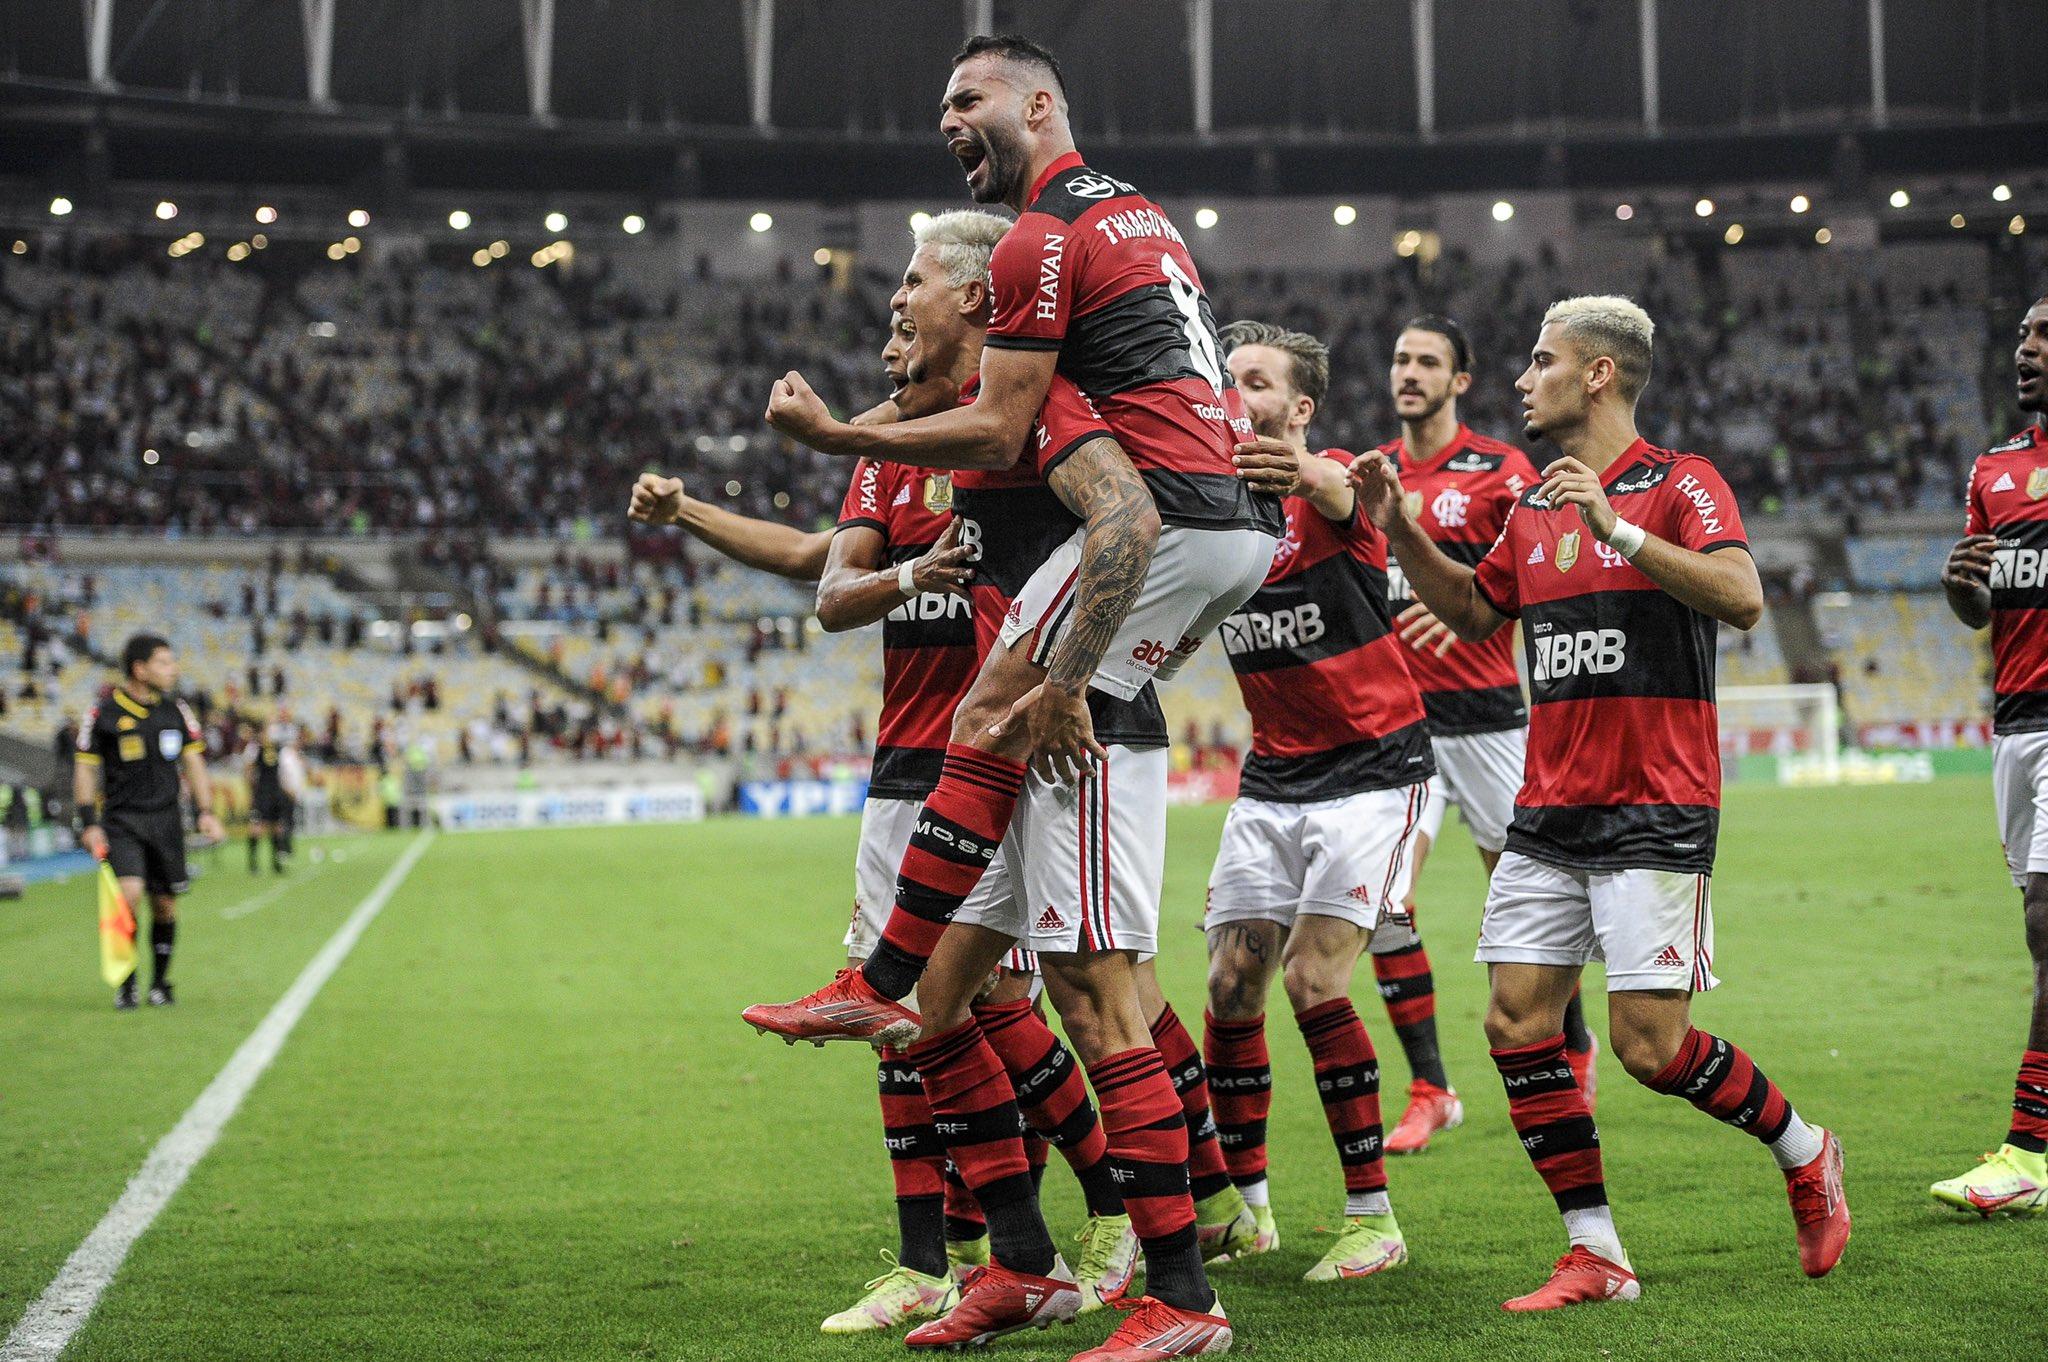 Não assistiu ao jogo? Leia aqui o resumo e ficha técnica da partida entre Flamengo e Grêmio pela Copa do Brasil